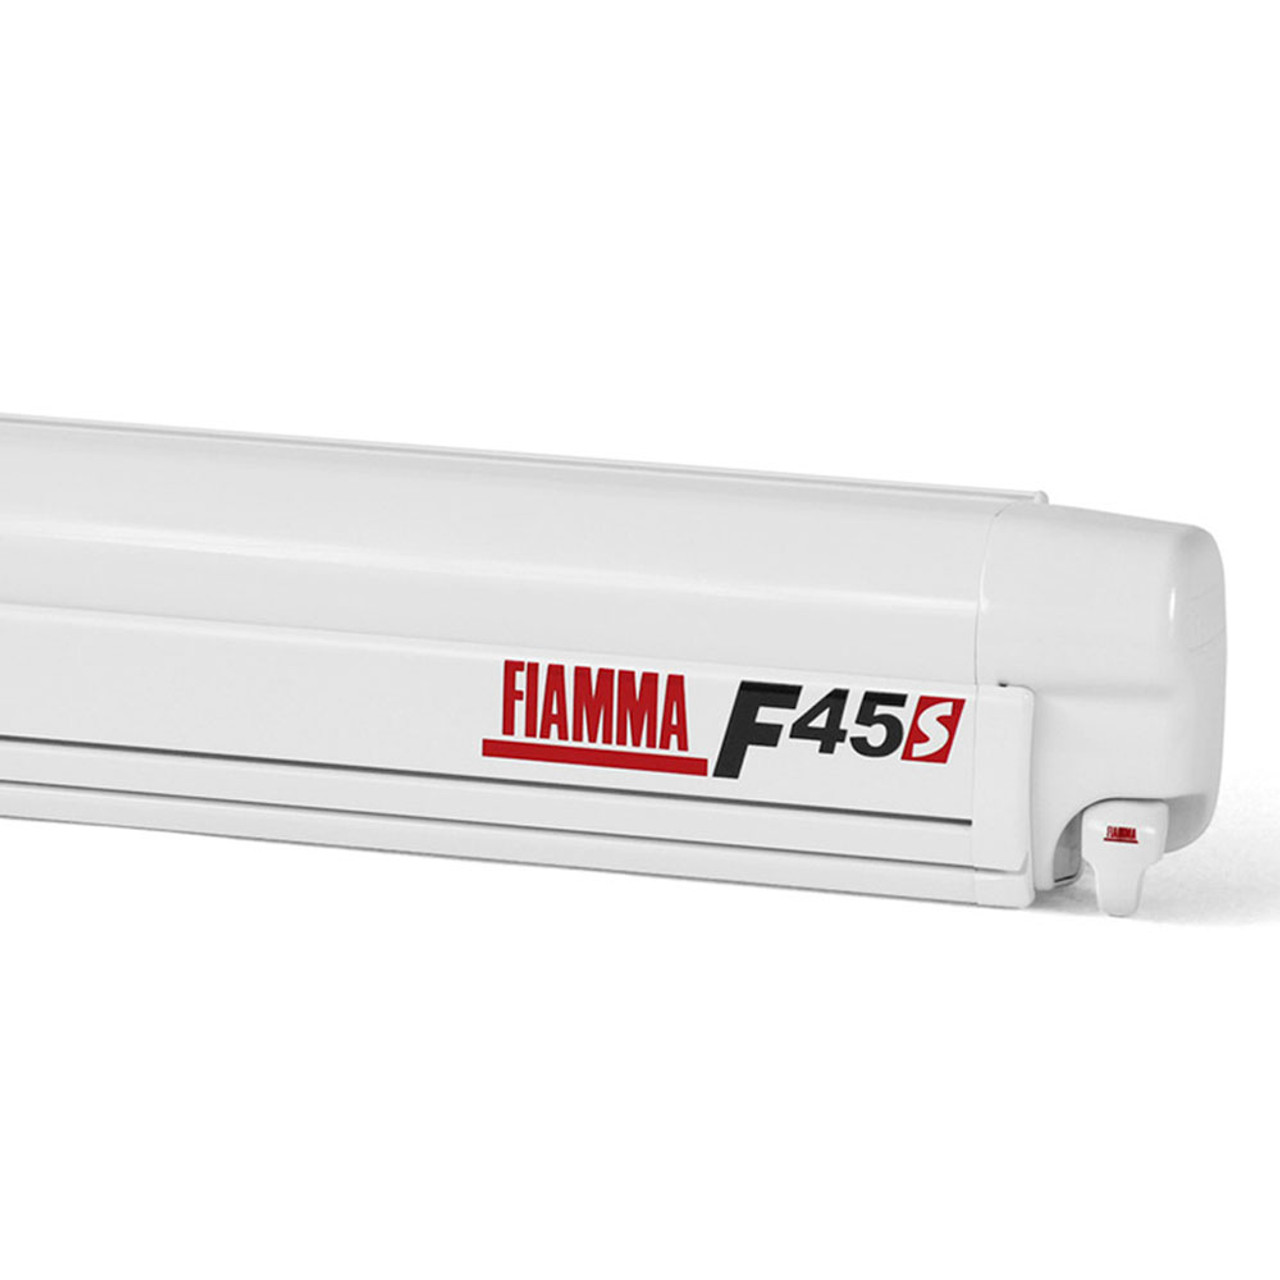 Fiamma 06280B01DG F45S Awning 35m 116